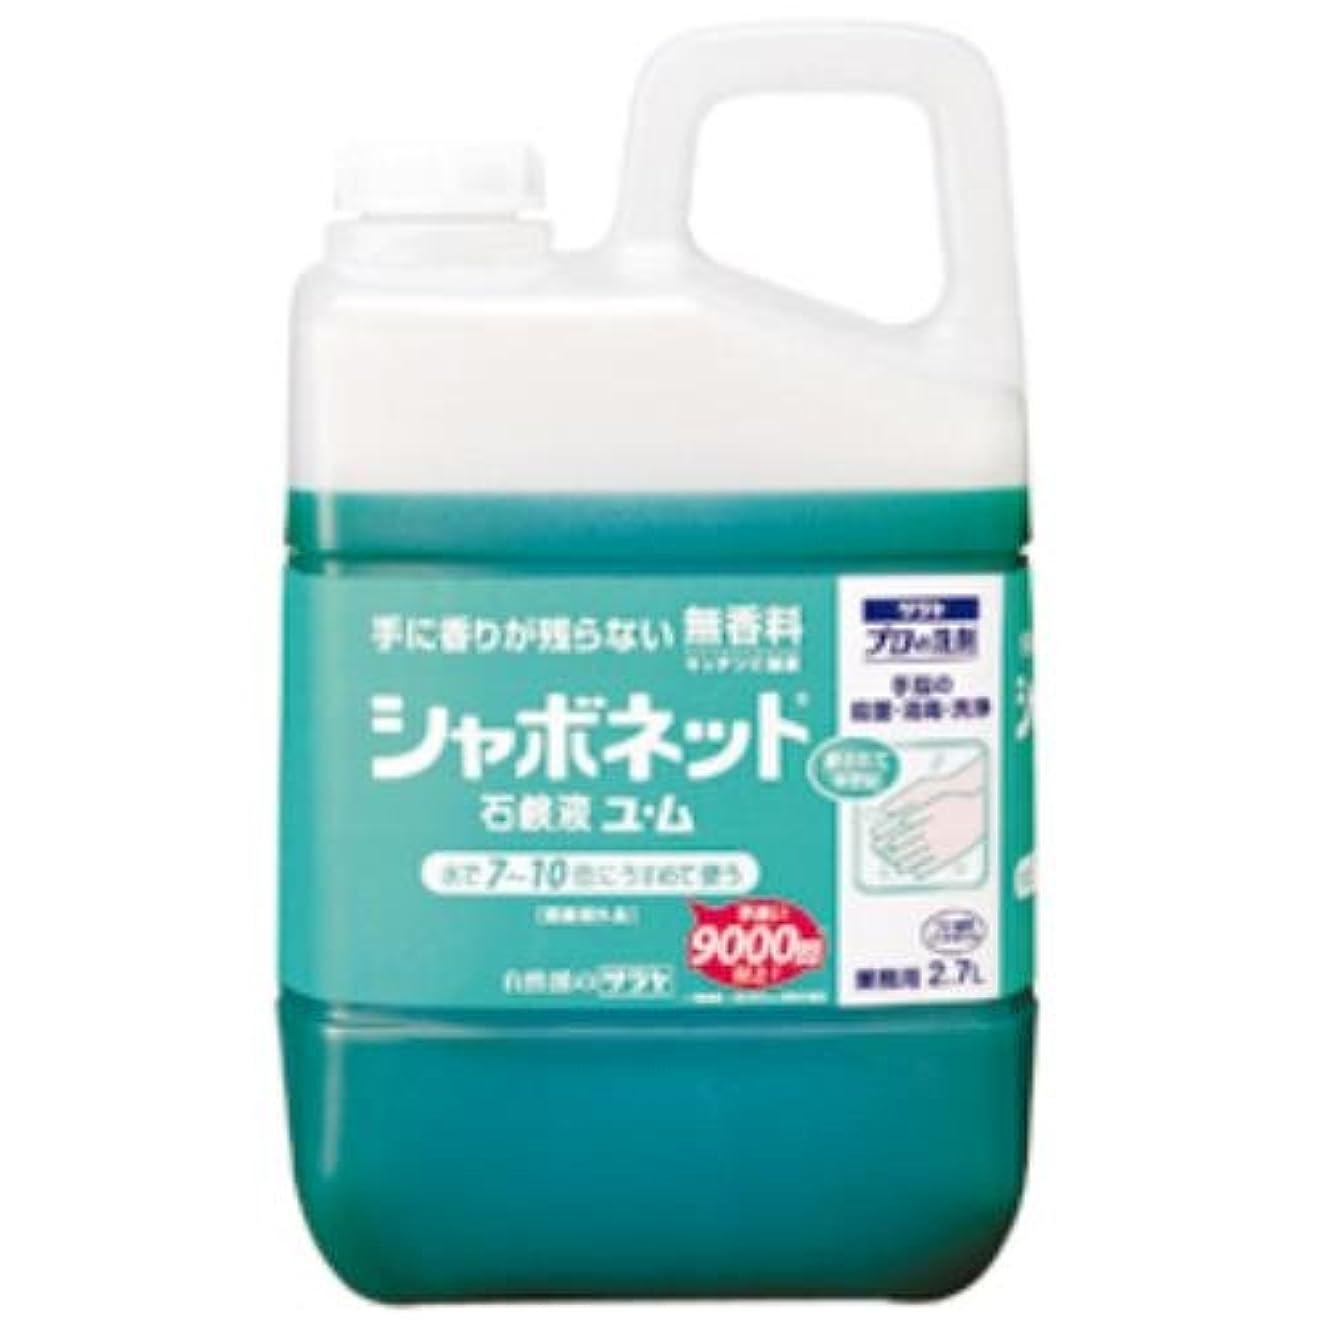 単調なわざわざリダクターシャボネット石鹸液ユ?ム2.7L 123-271